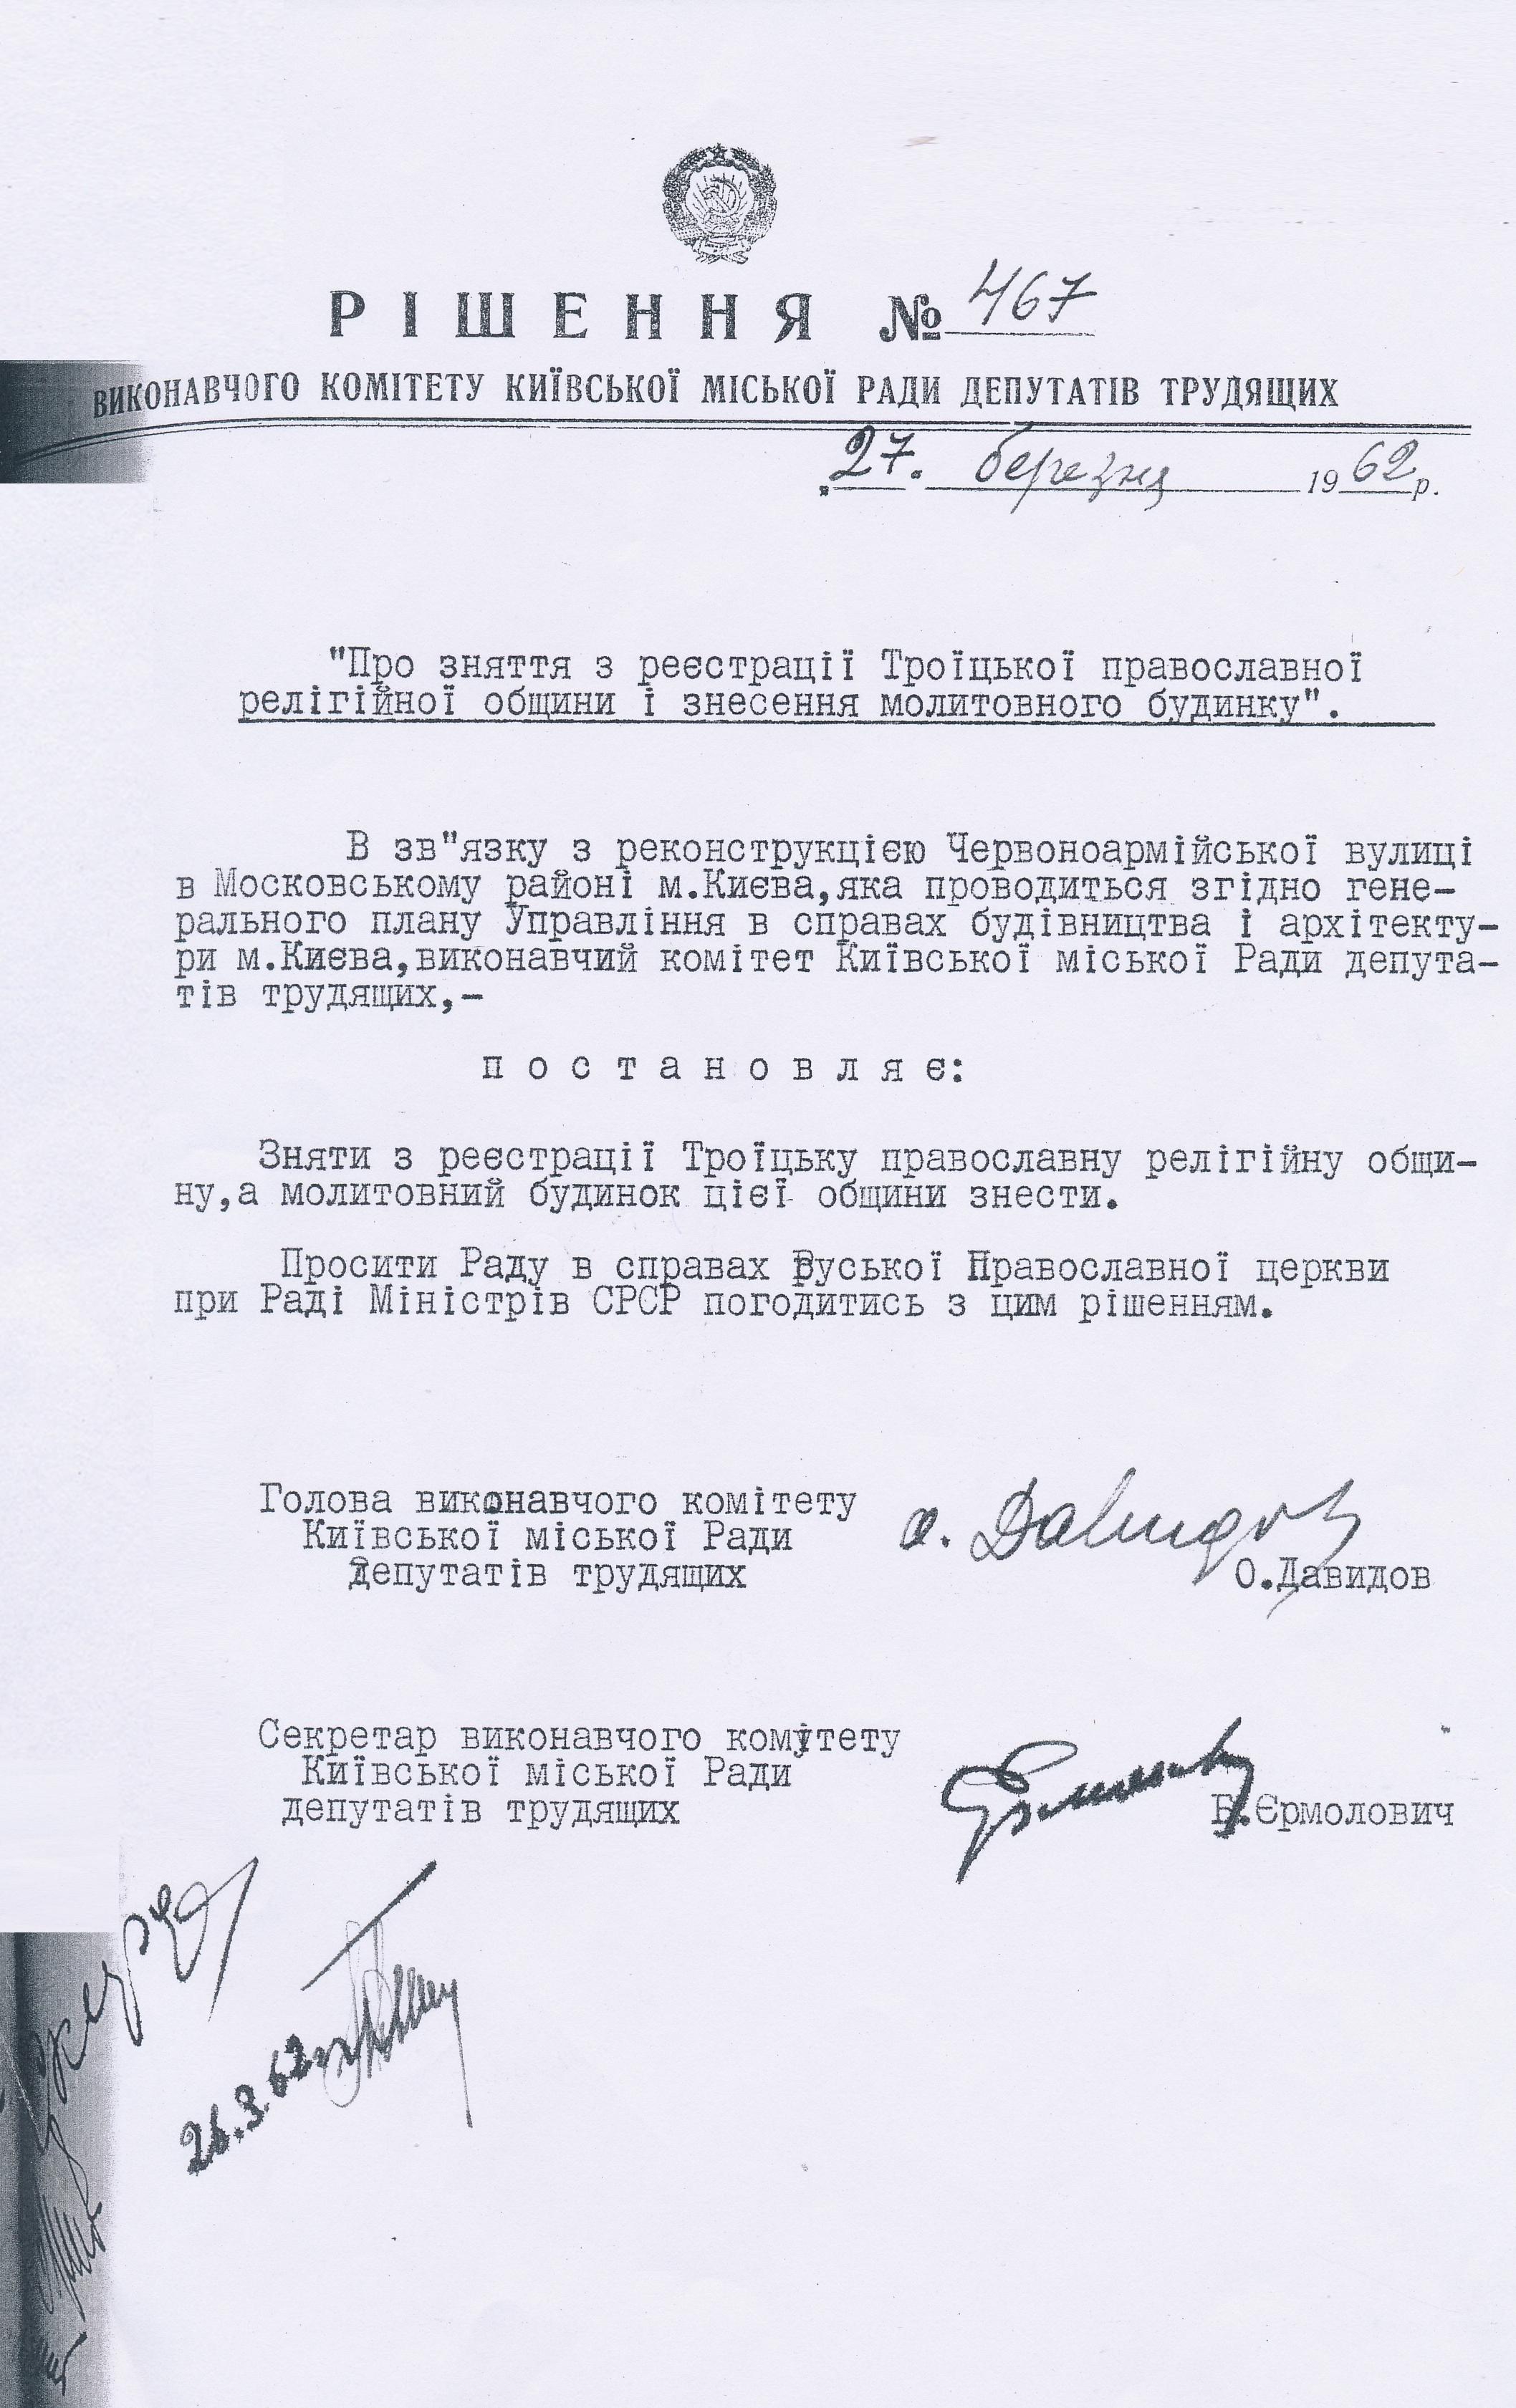 Trinity-Church-Kyiv-1962 - Trinity-Church-Kyiv-Demolishing-Decision-467-27.Mar_.1962.jpg